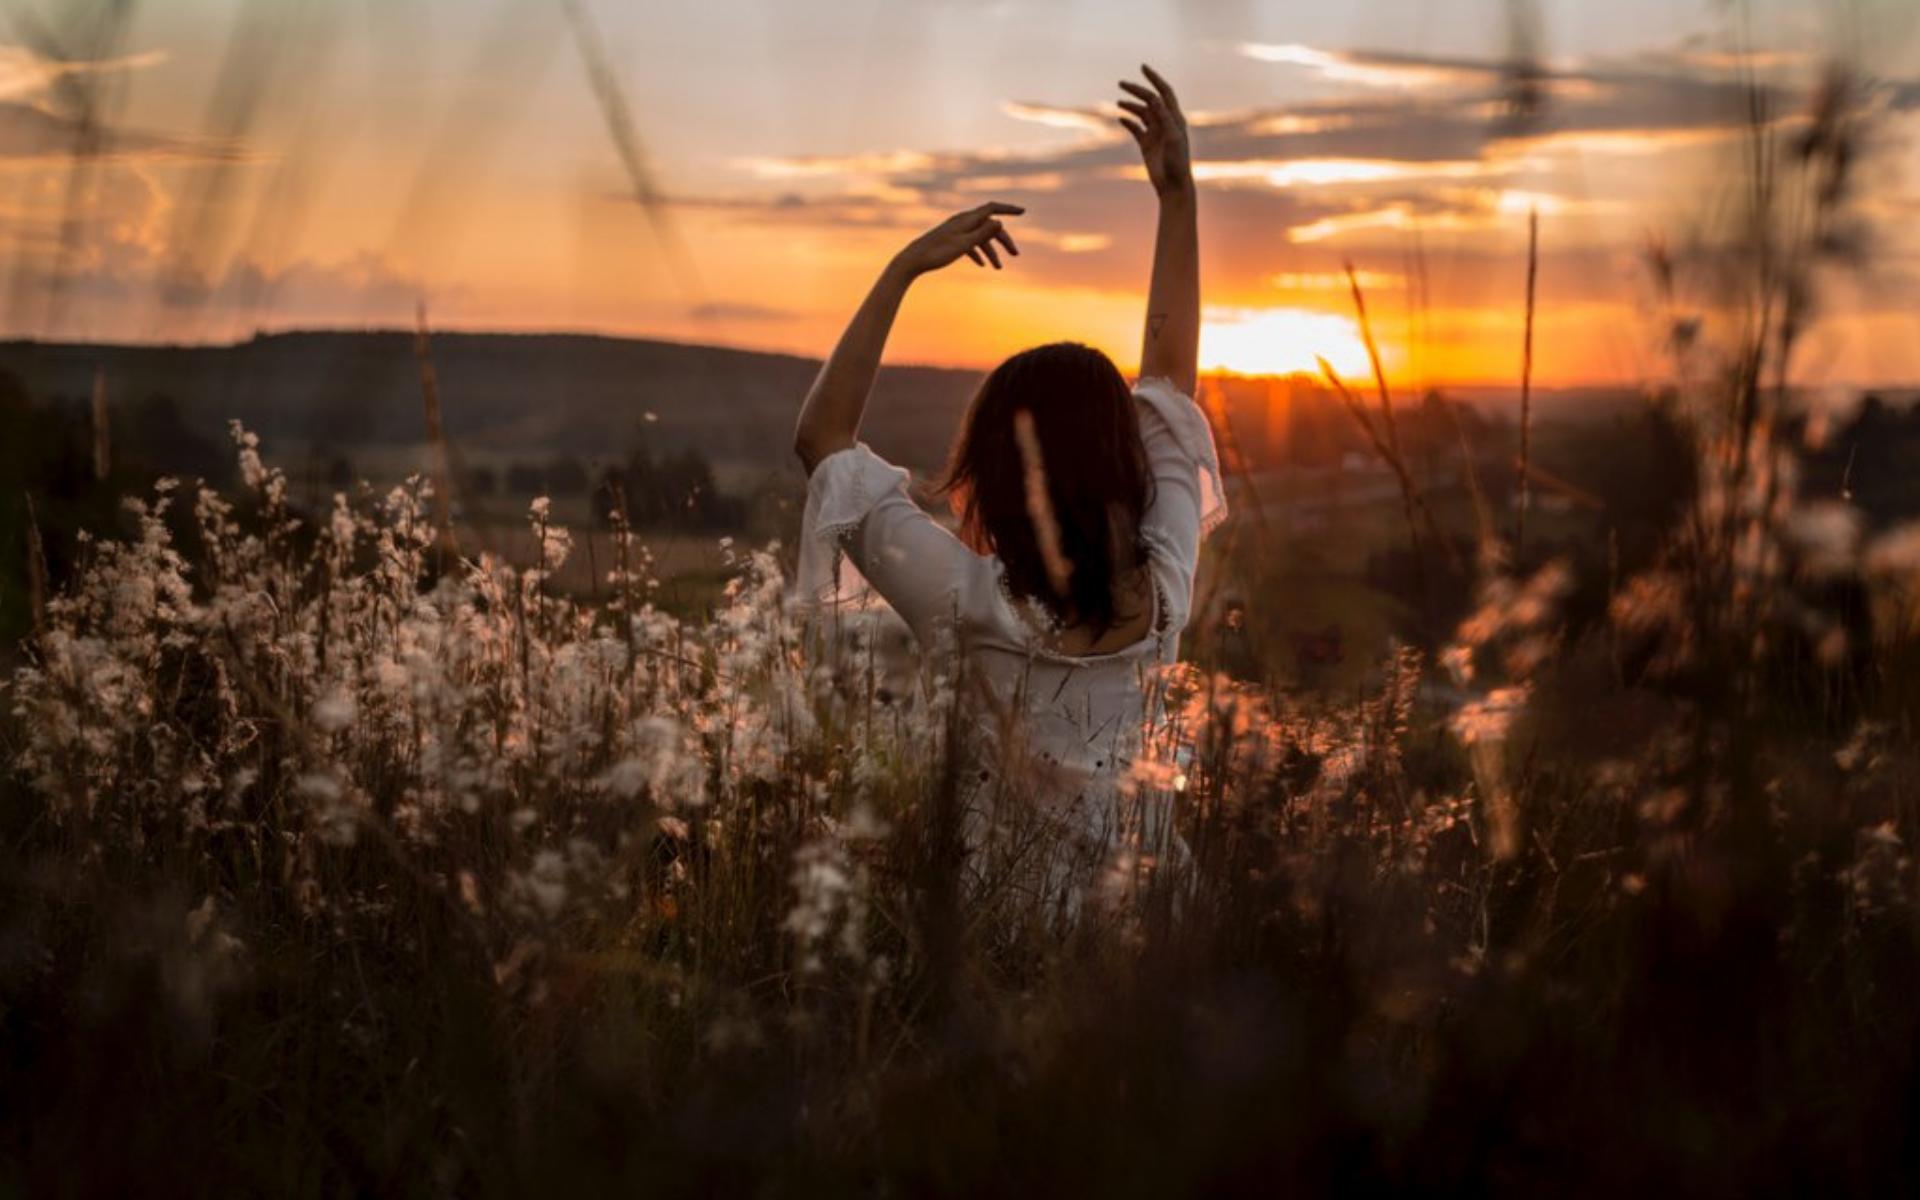 ψυχοθεραπεια στον ηλιο και ενέργεια Ρέικι - Εύη χΑΤΖΗΓΙΆΝΝΗ